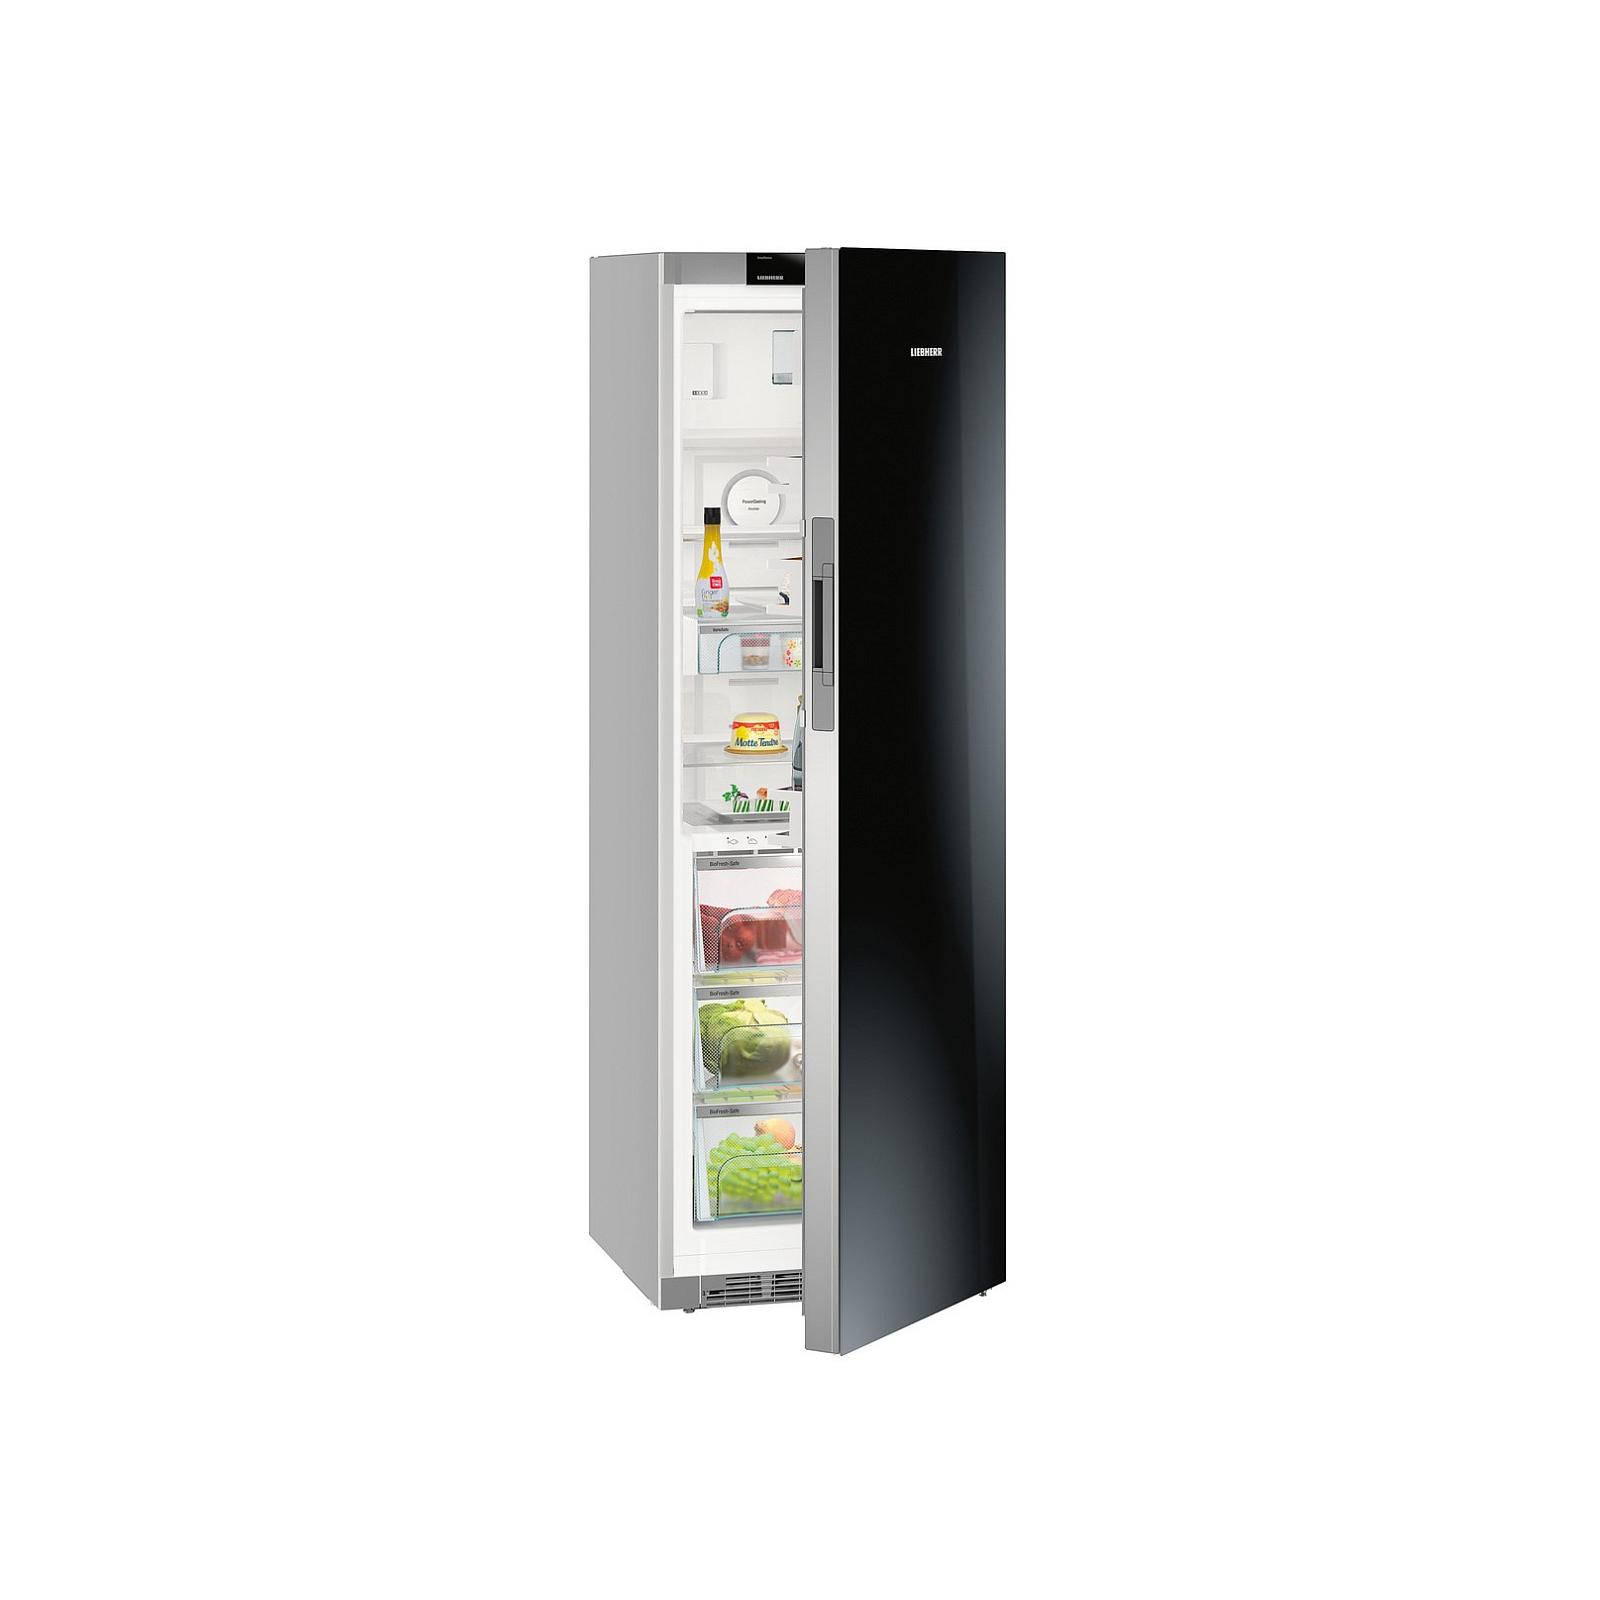 Холодильник Liebherr KBPgb 4354 изображение 4